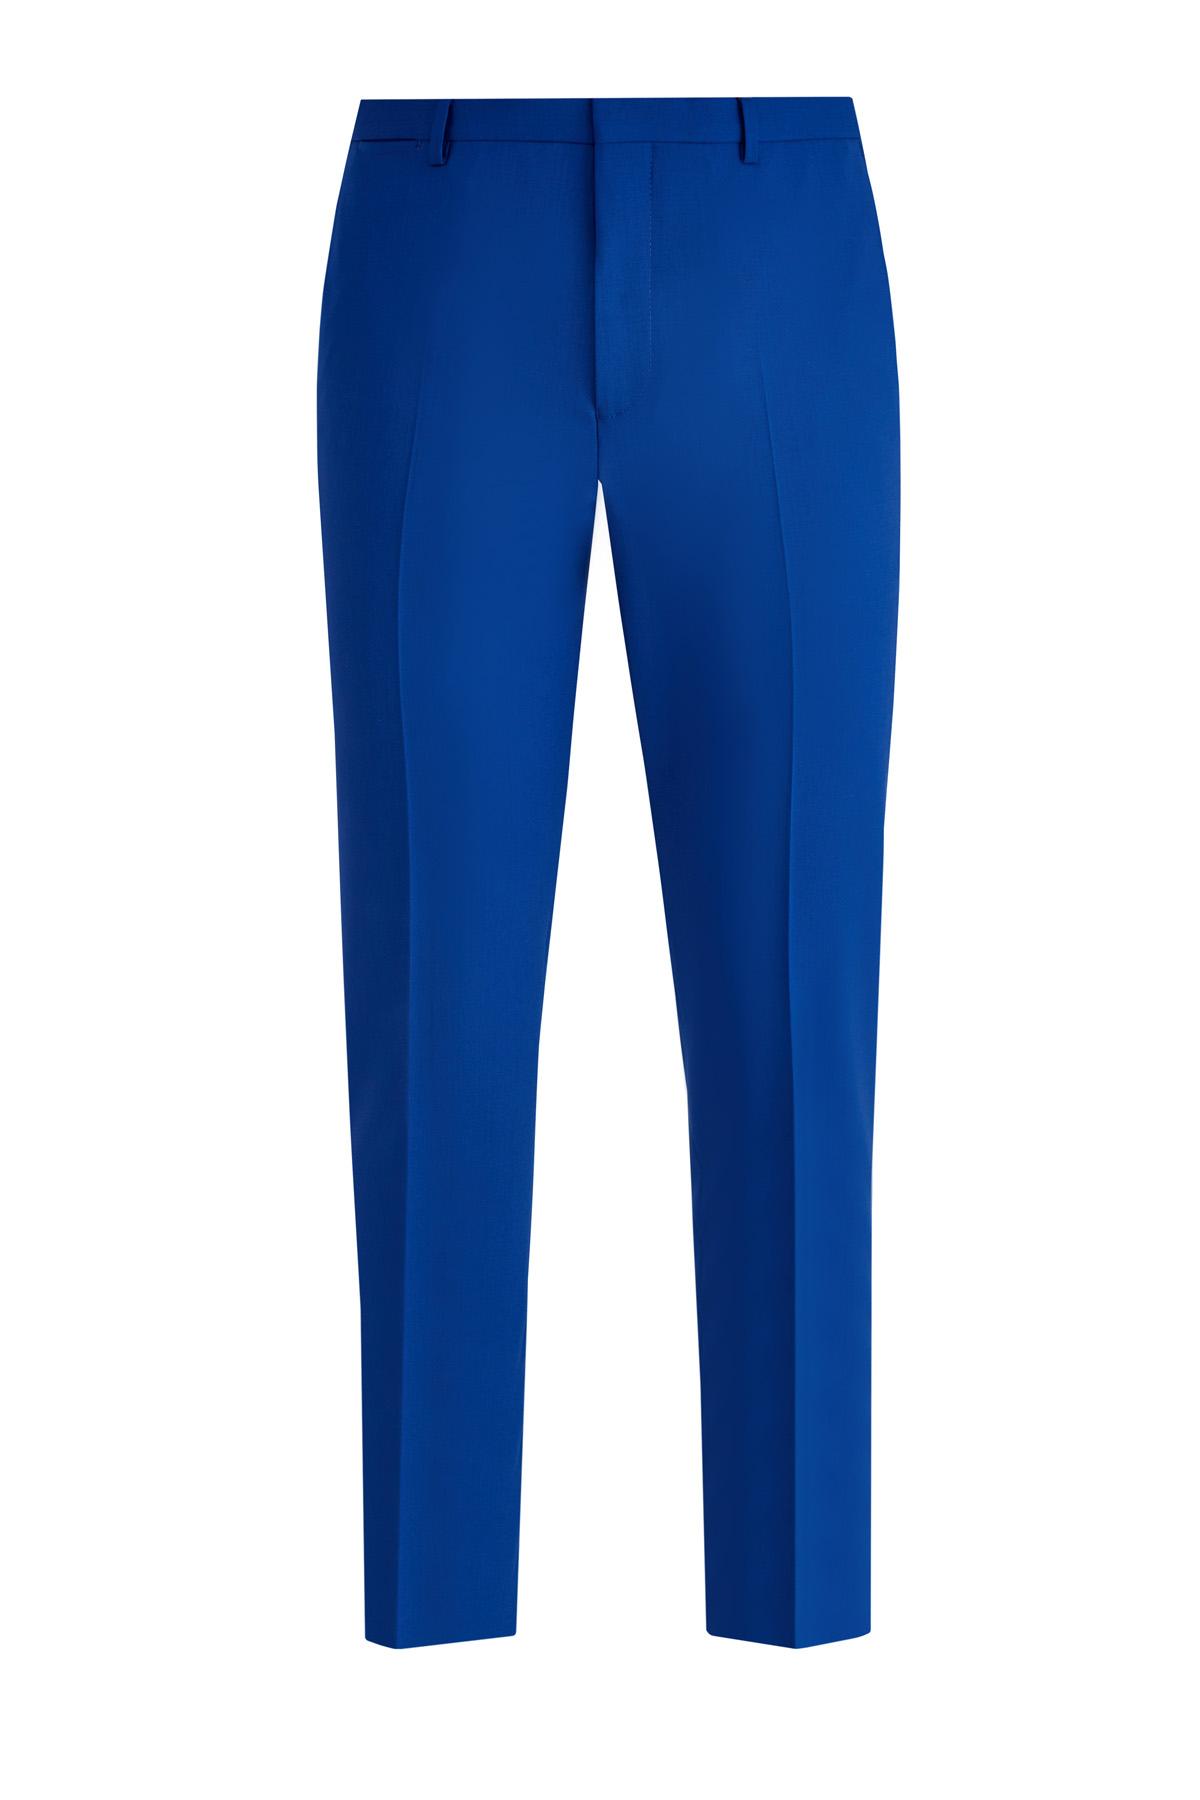 Прямые брюки в классическом стиле из легкой шерстяной ткани фото